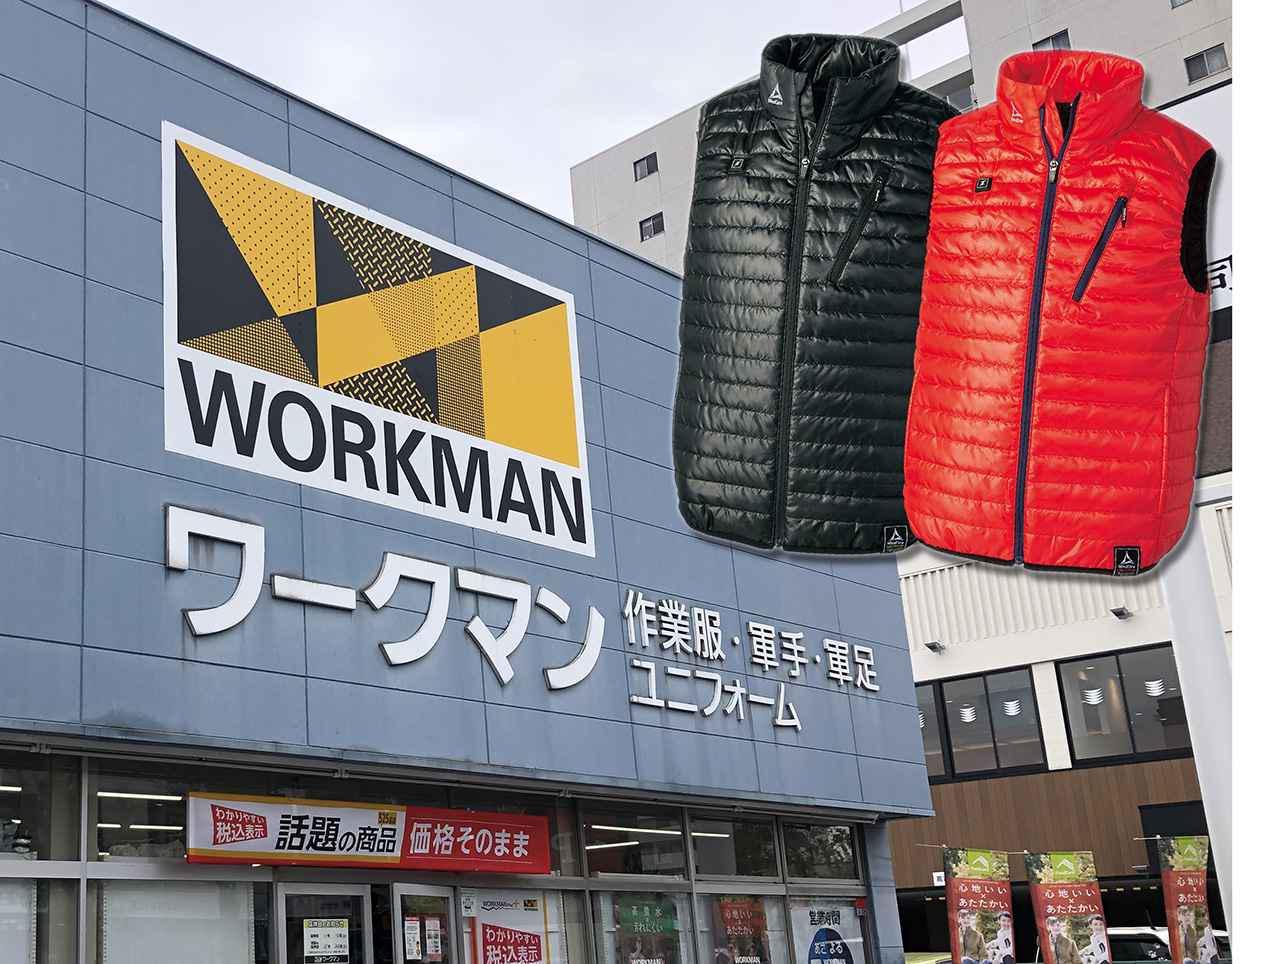 画像: 【電熱ベストのおすすめ】ワークマンのヒートベストを実際に買って使ってみた体感レビュー! - 特選街web